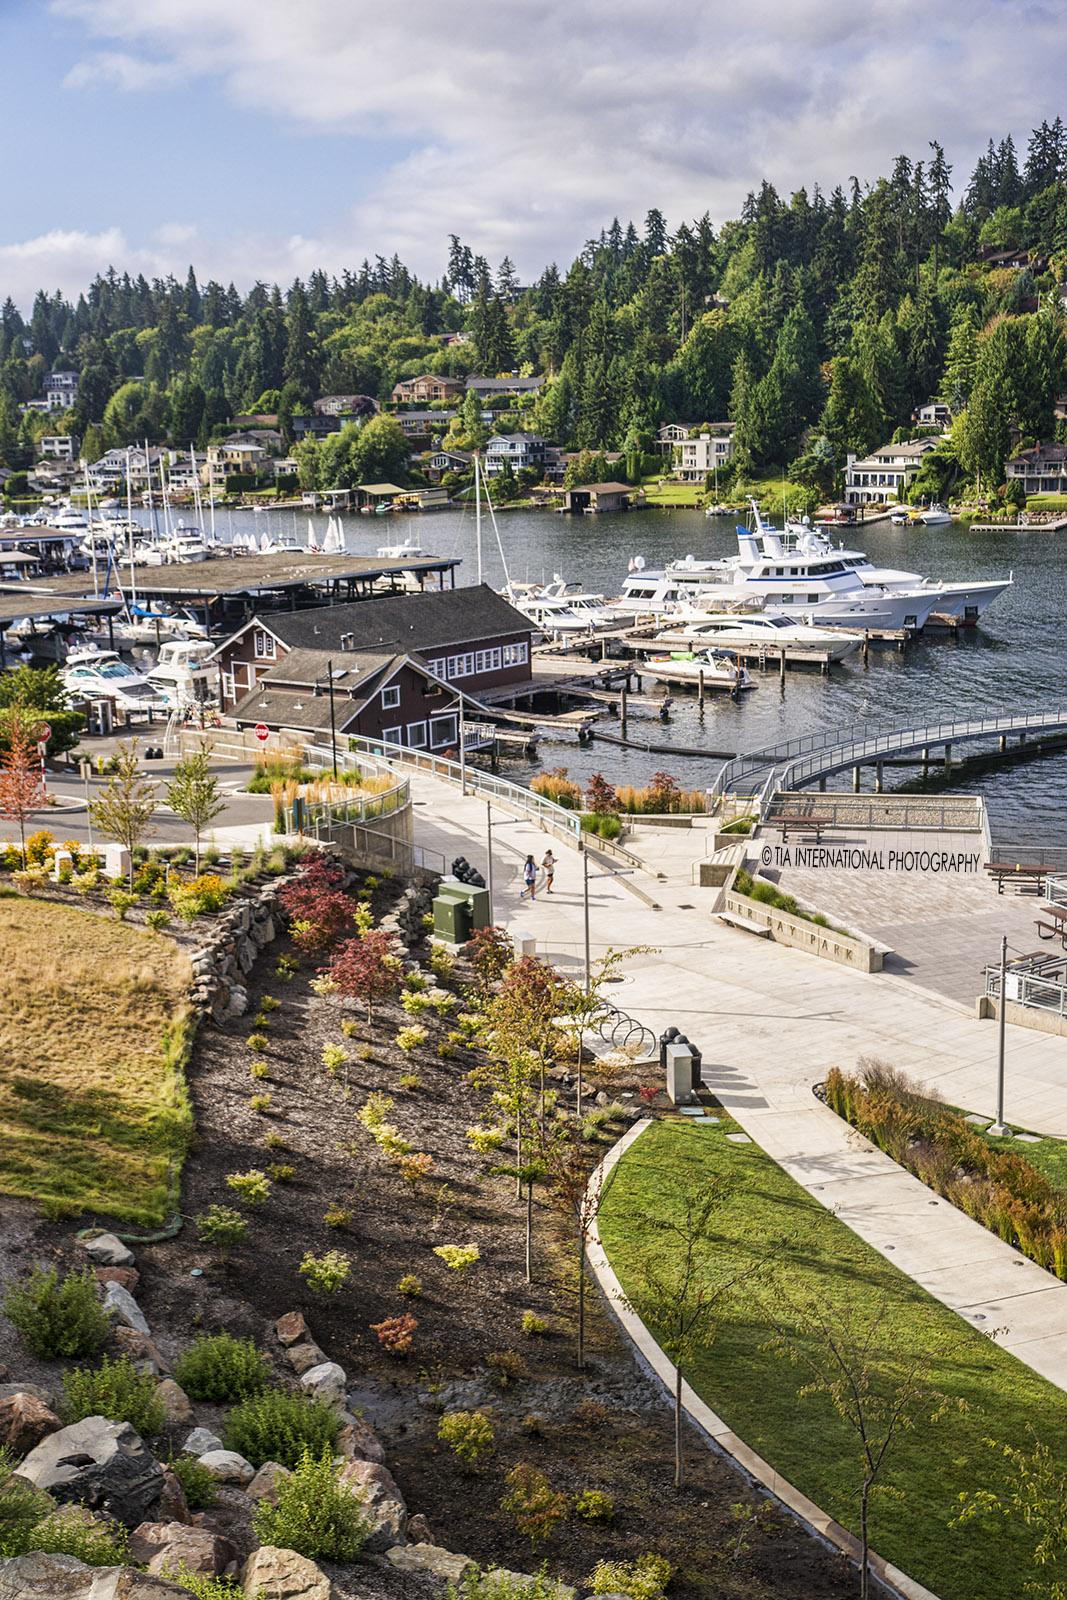 Meydenbauer Bay Park, Bellevue, Washington. (August 2020)